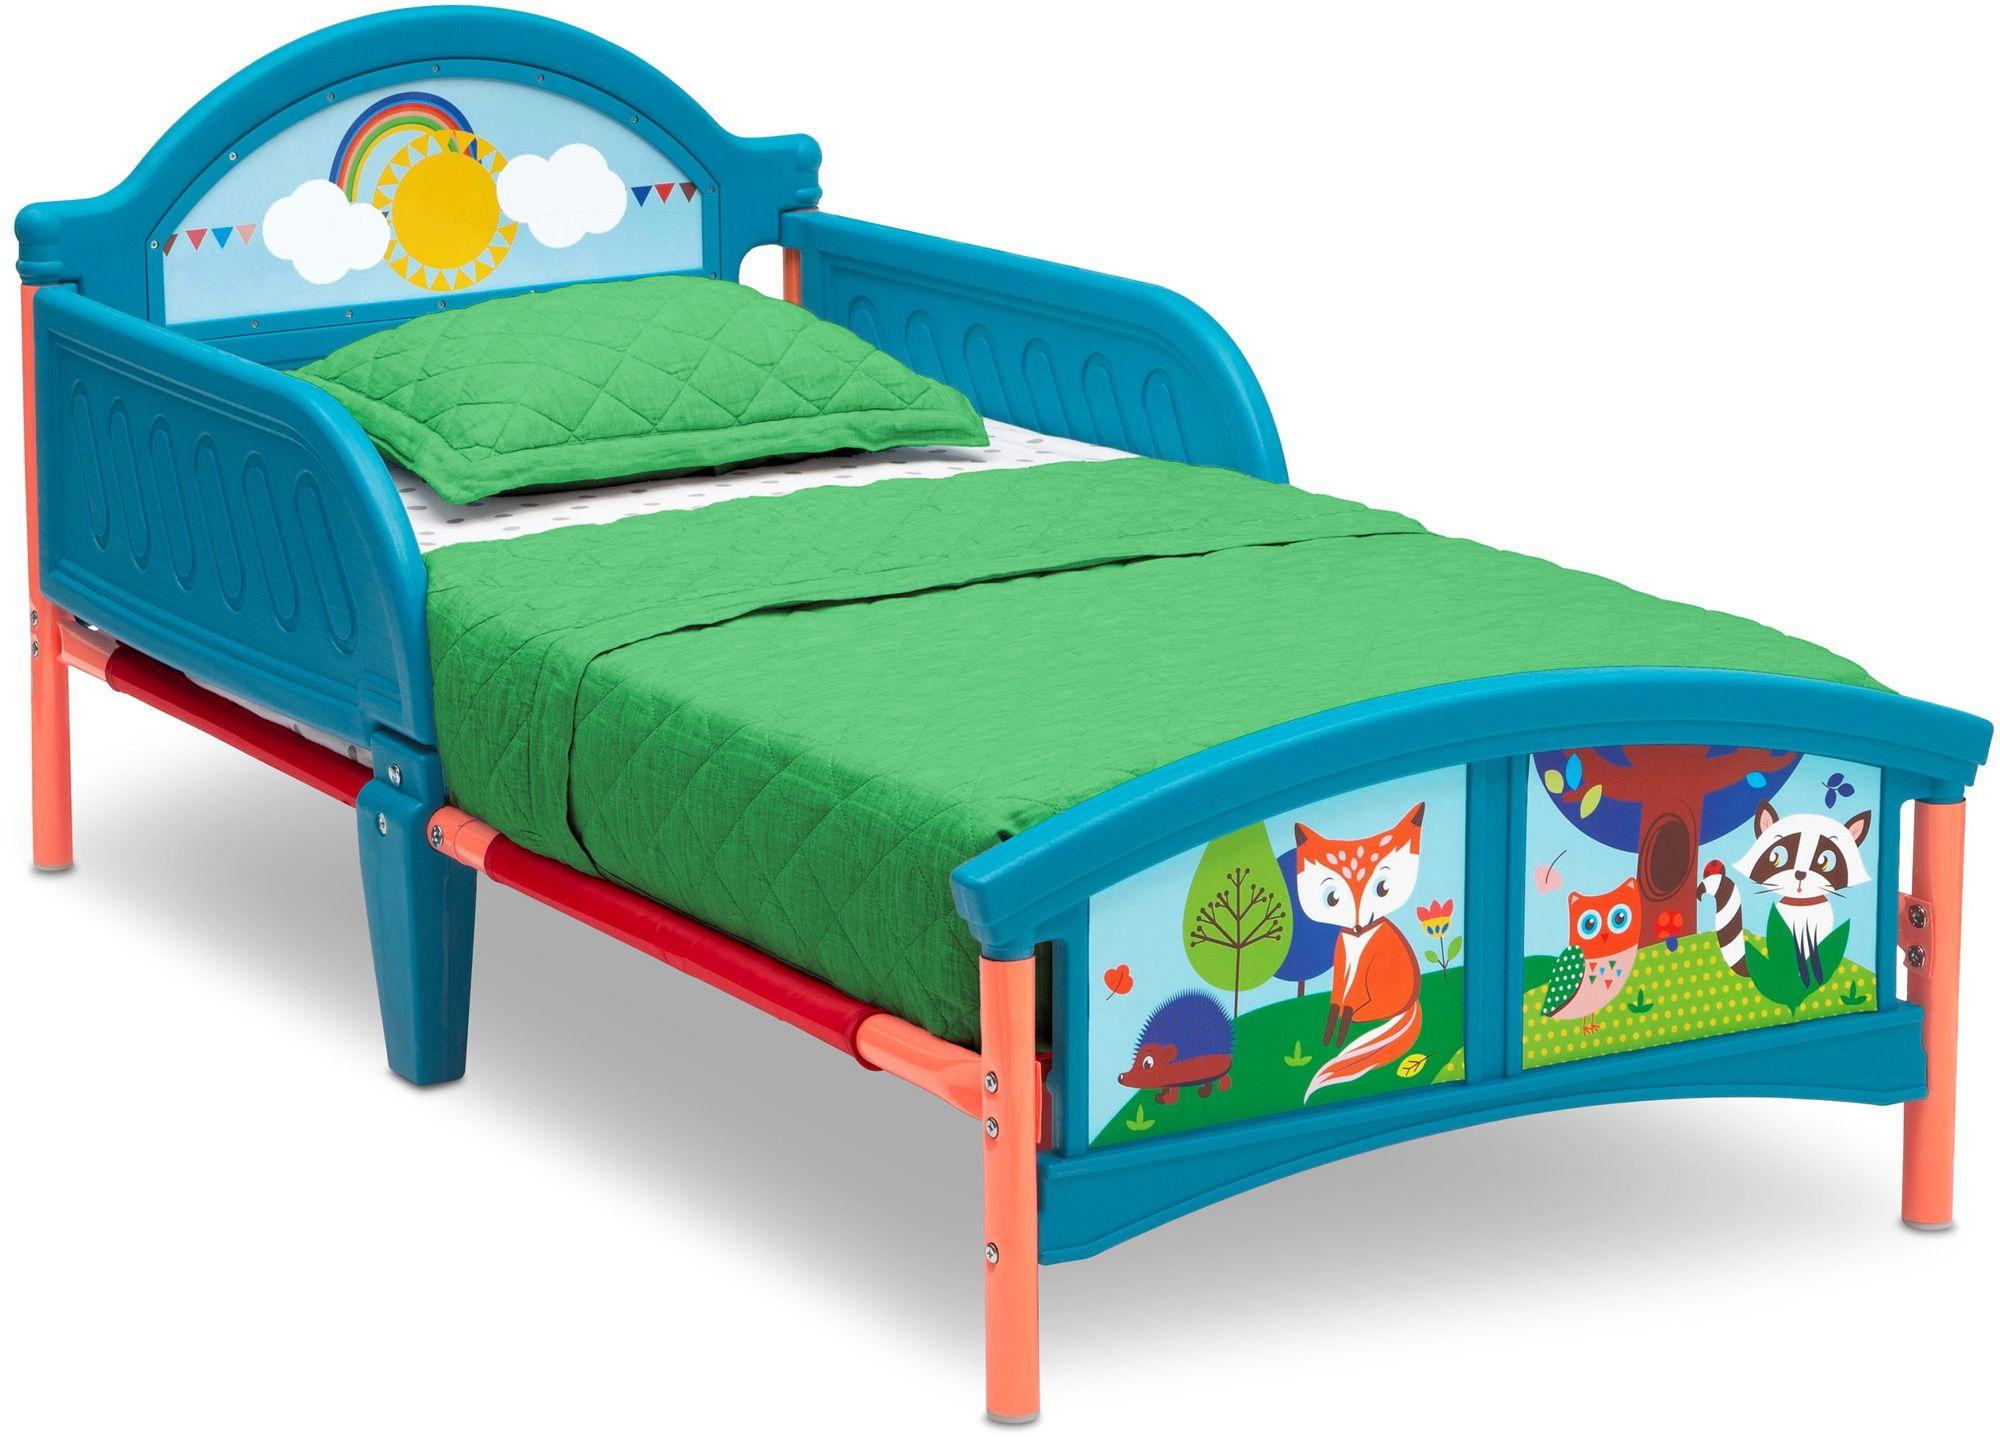 Delta łóżko Dla Dzieci Leśne Opowieści Woodland Tales